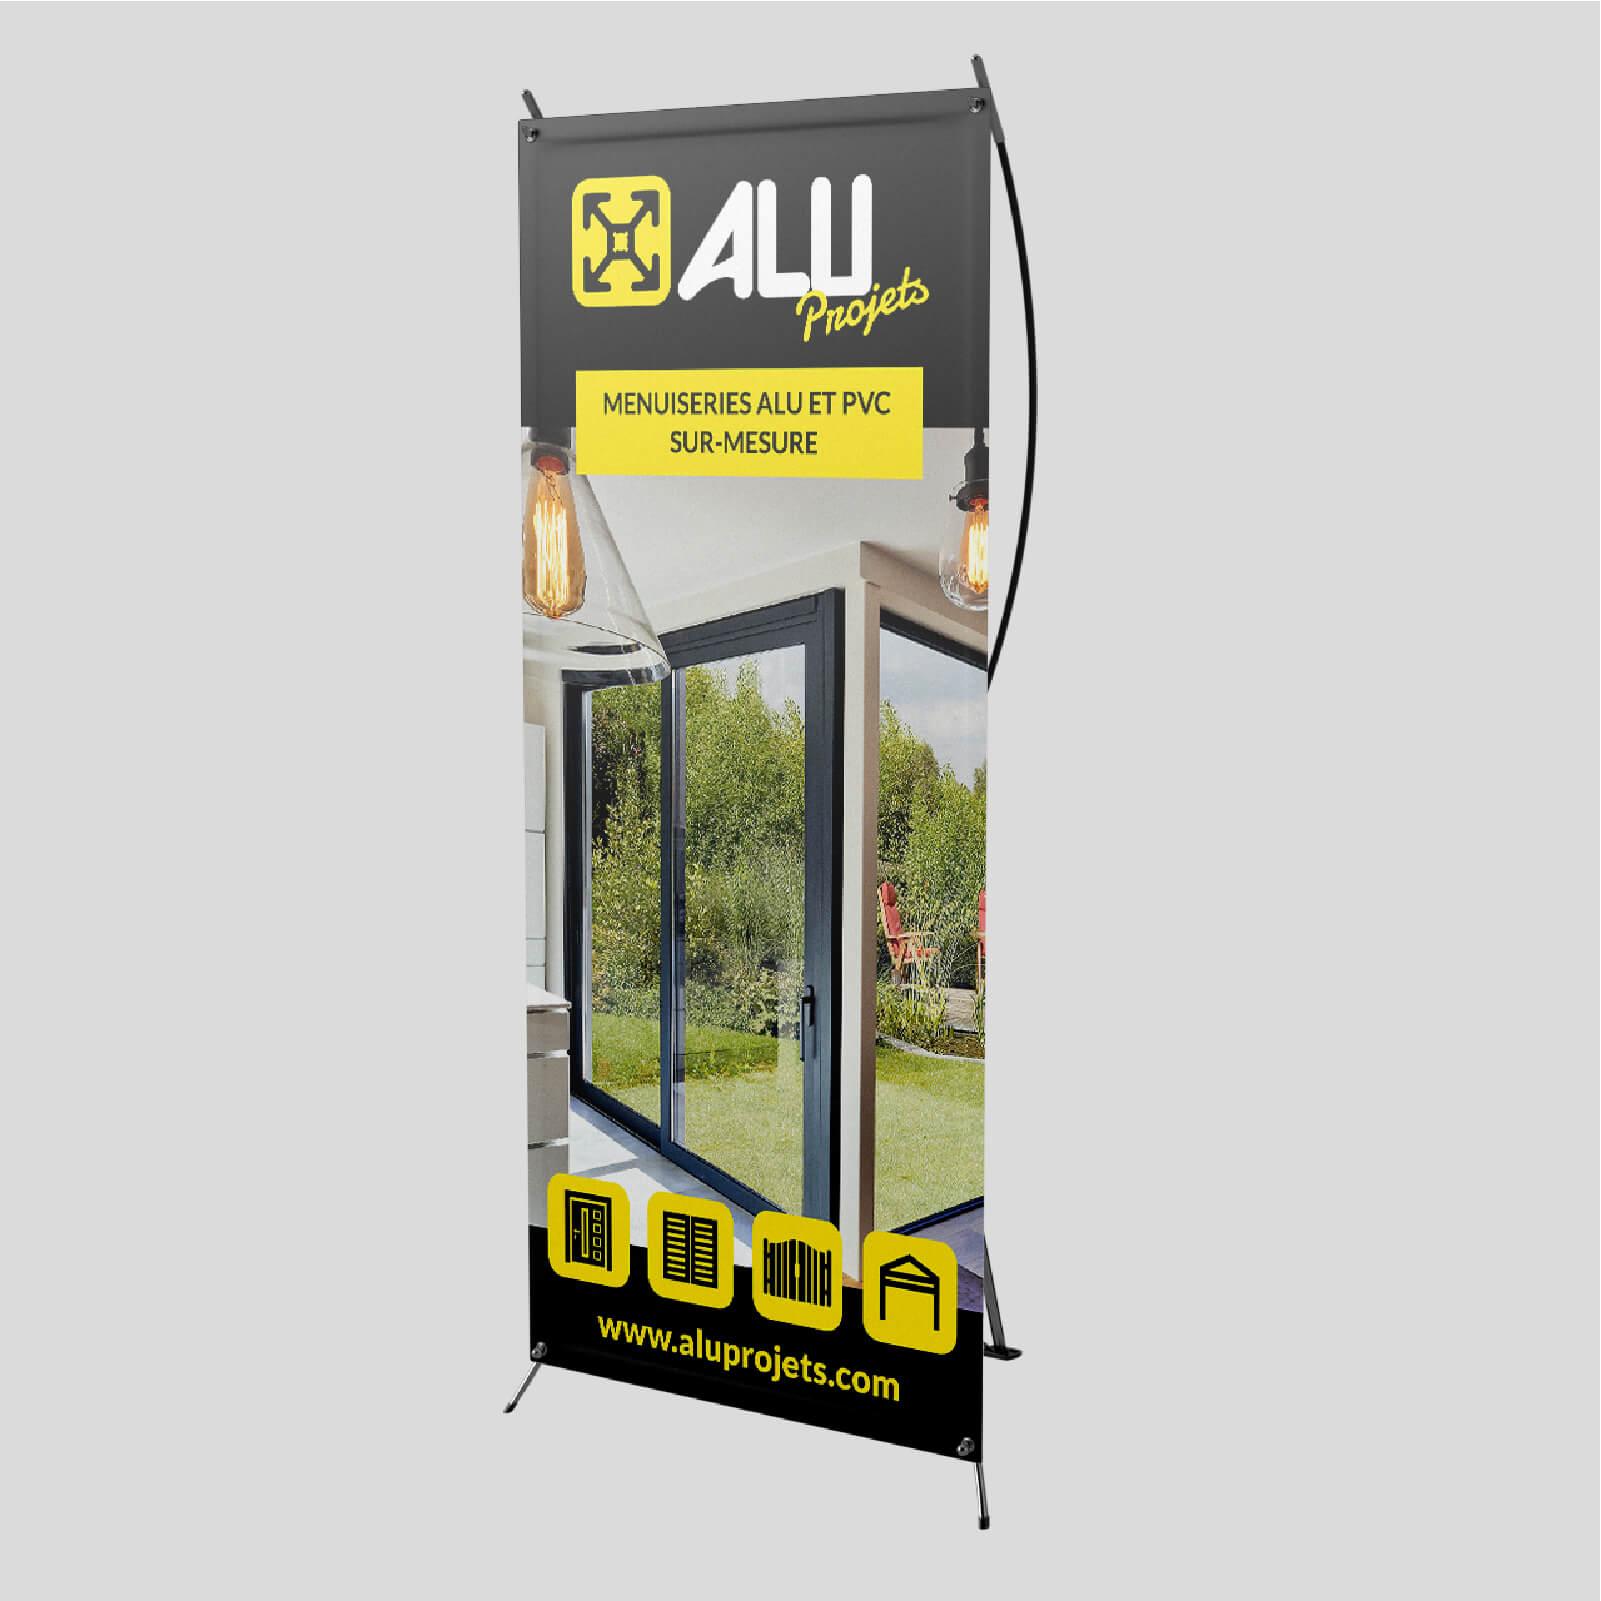 Création d'un X-banner pour Alu Projets